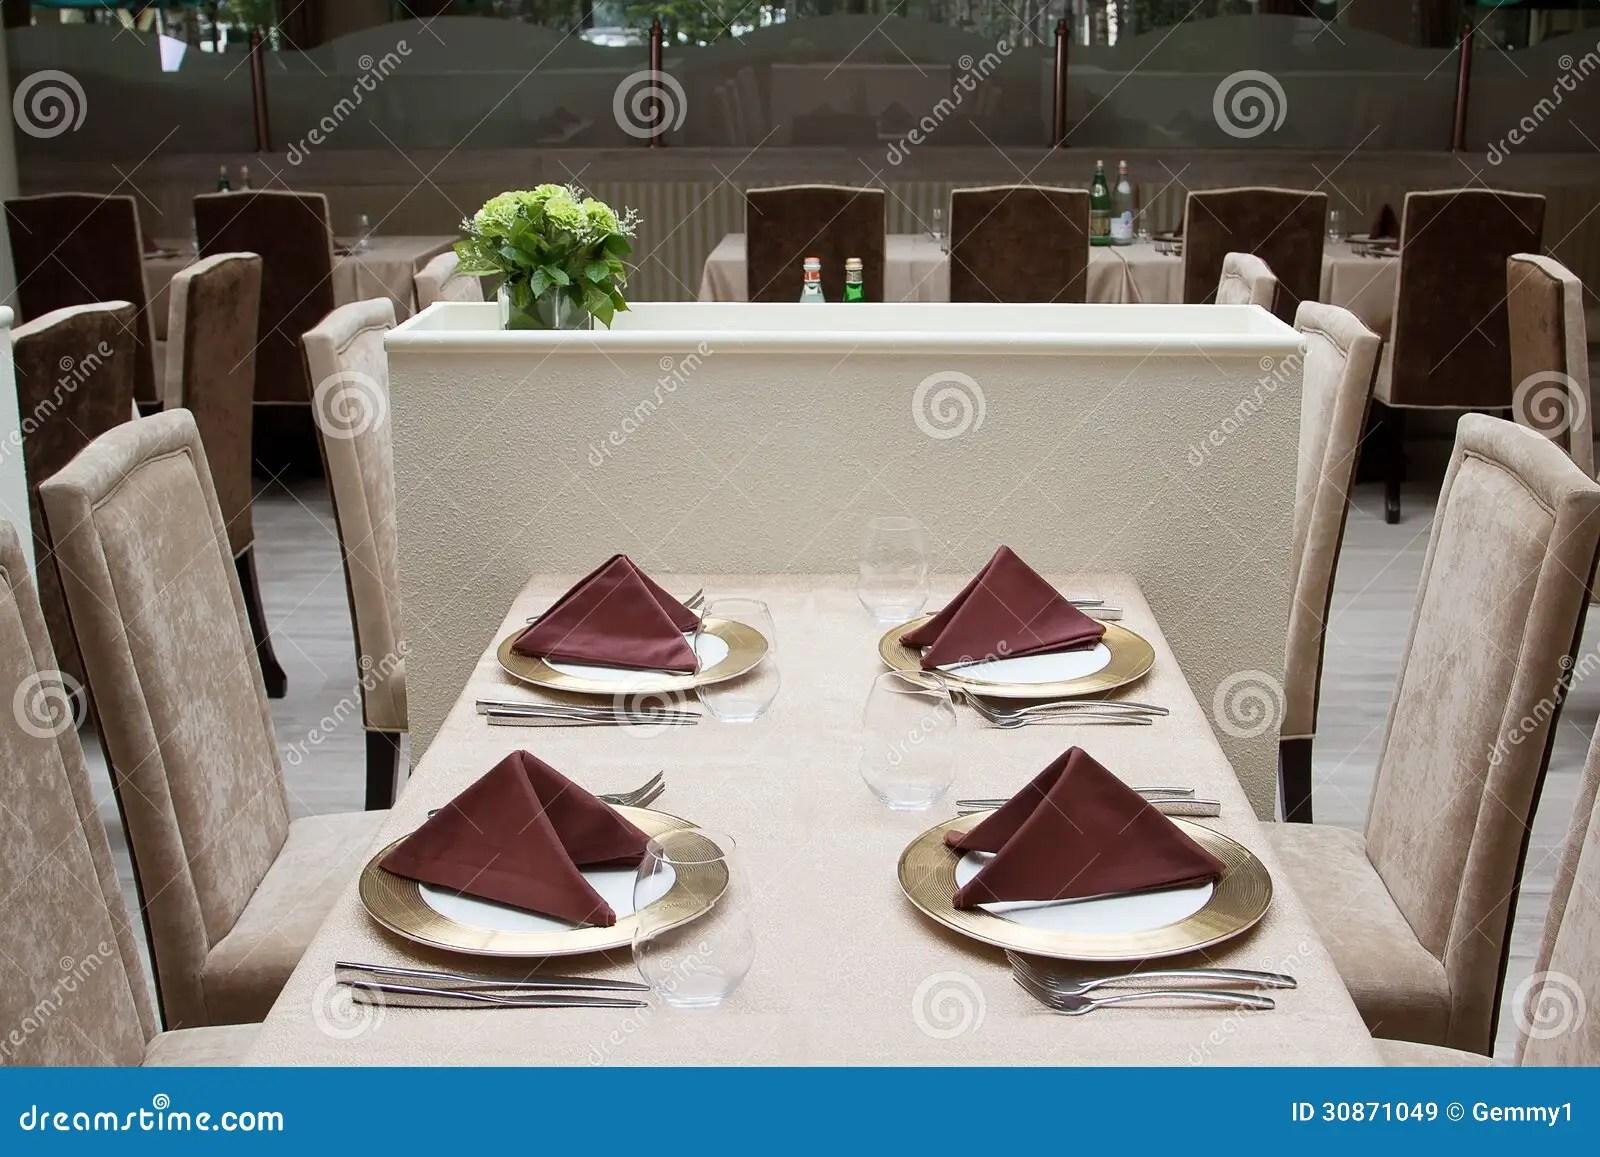 Dinner Room Table Set